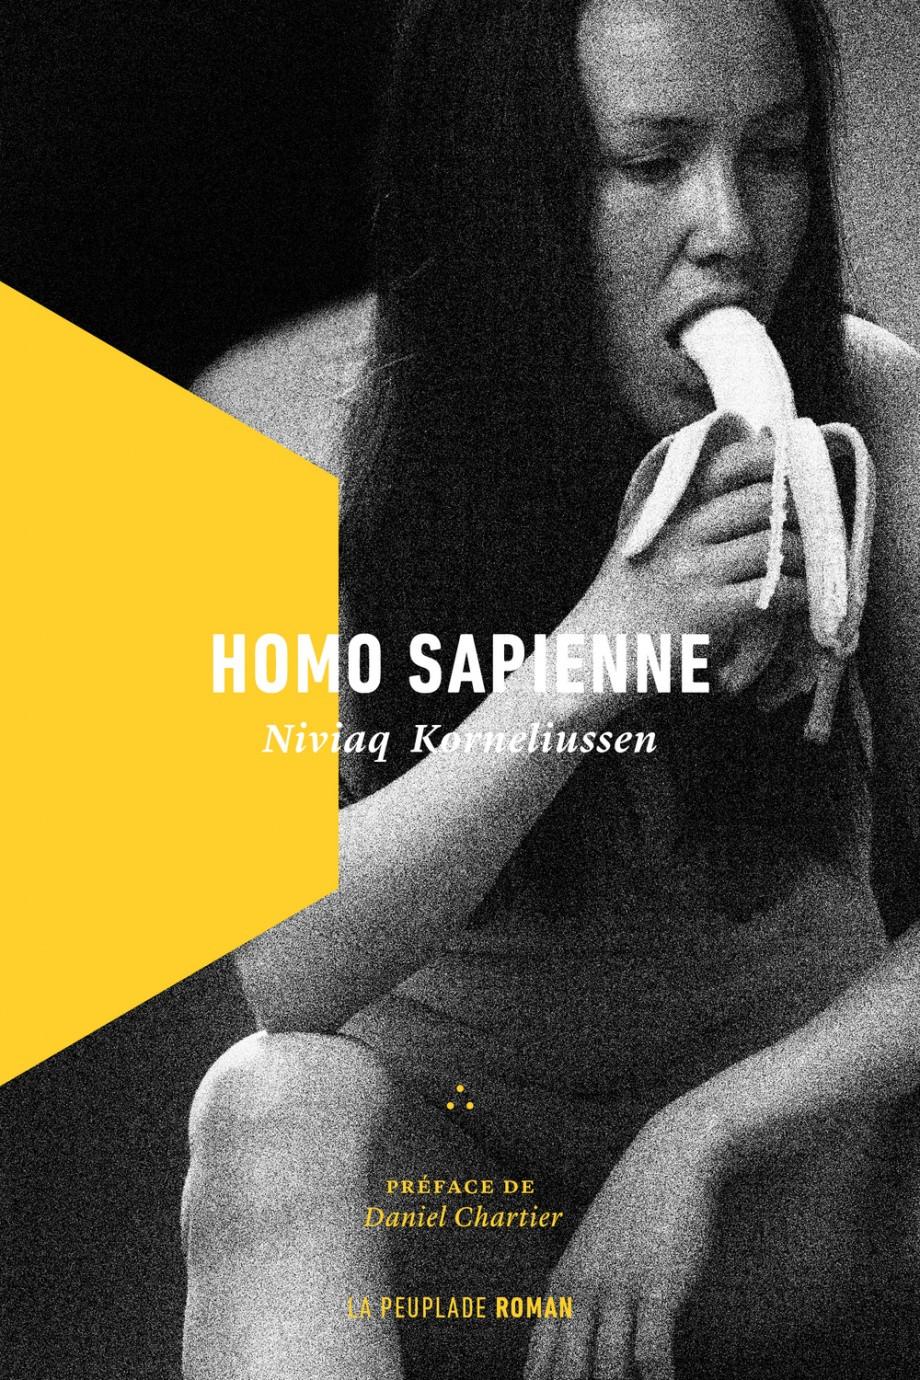 Homo sapienne, page couverture